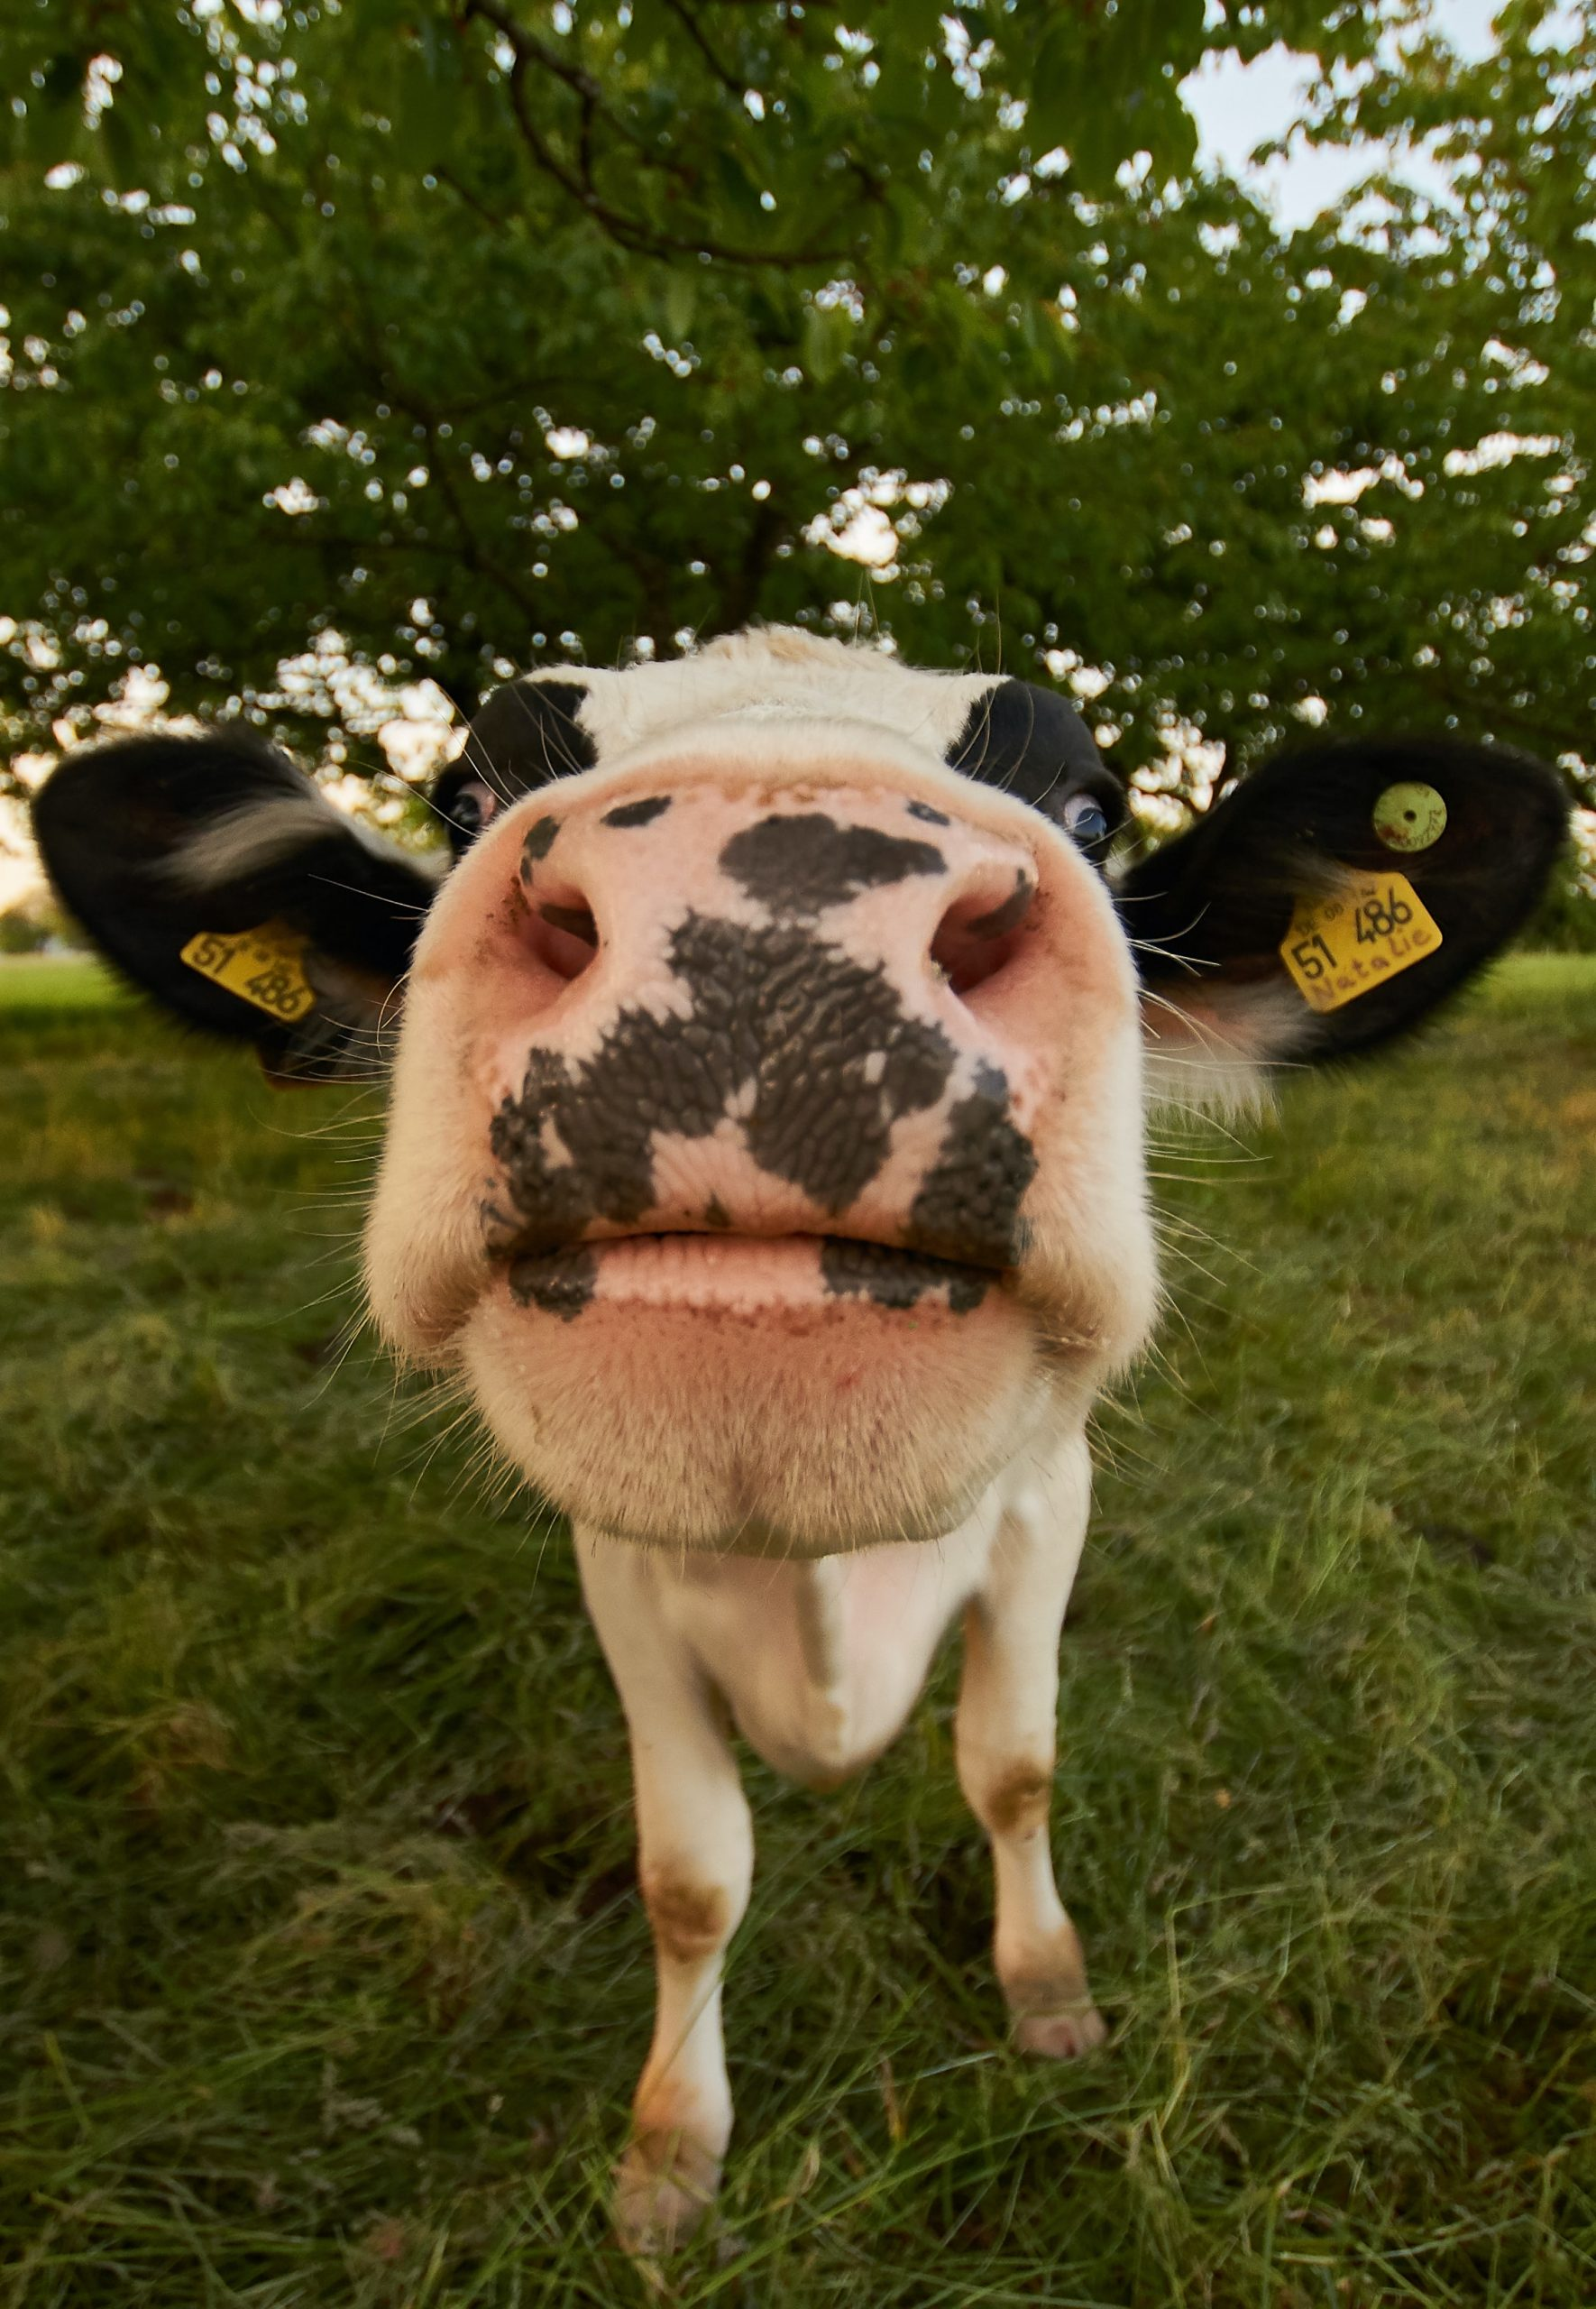 Biometria animal: tecnologia rastreia e monitora a cadeia da pecuária bovina pelo focinho